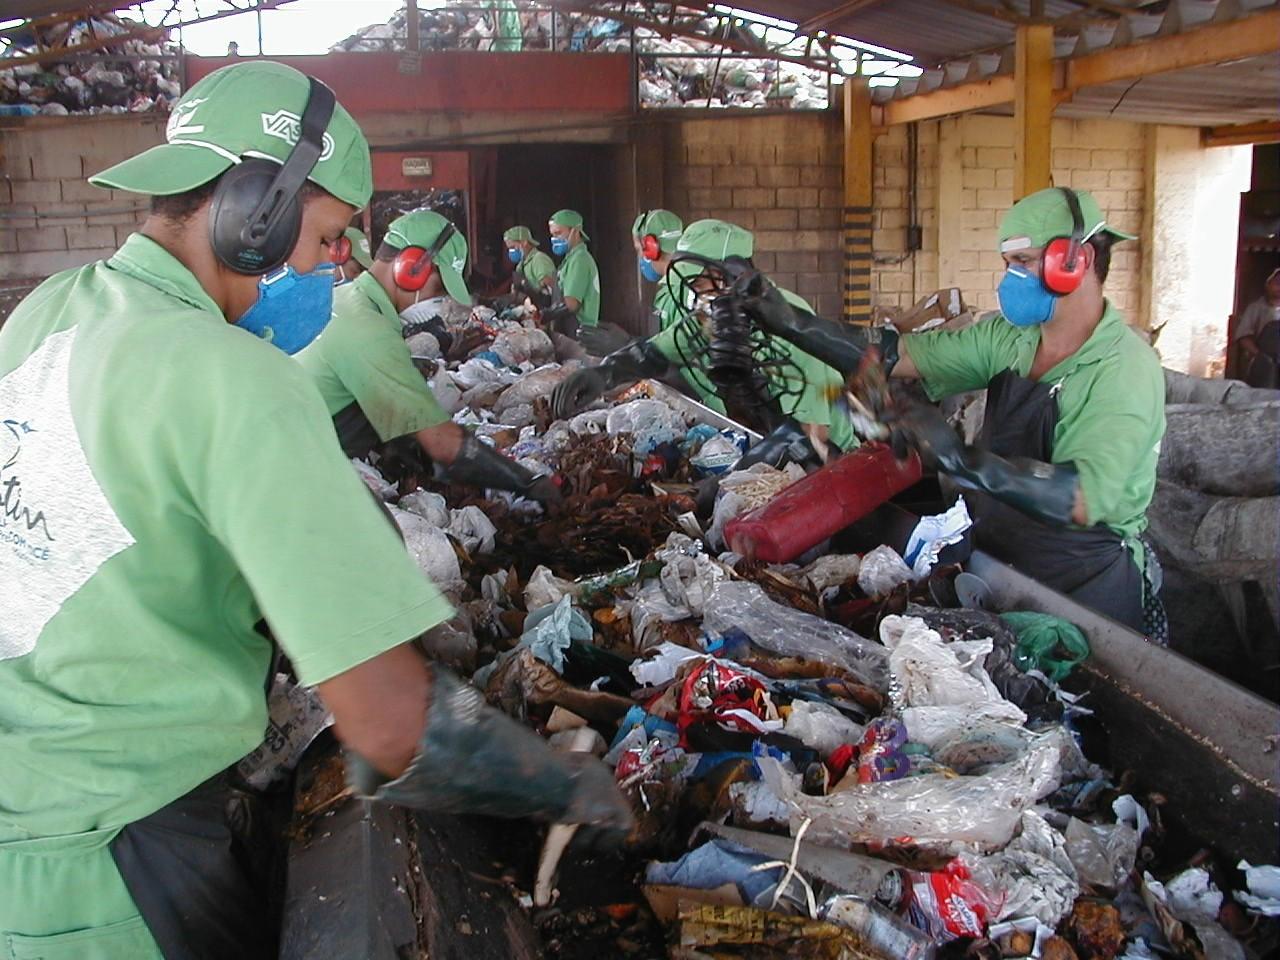 Reciclagem no Brasil ainda é pouco trabalhada (Foto: Wikimedia Commons )